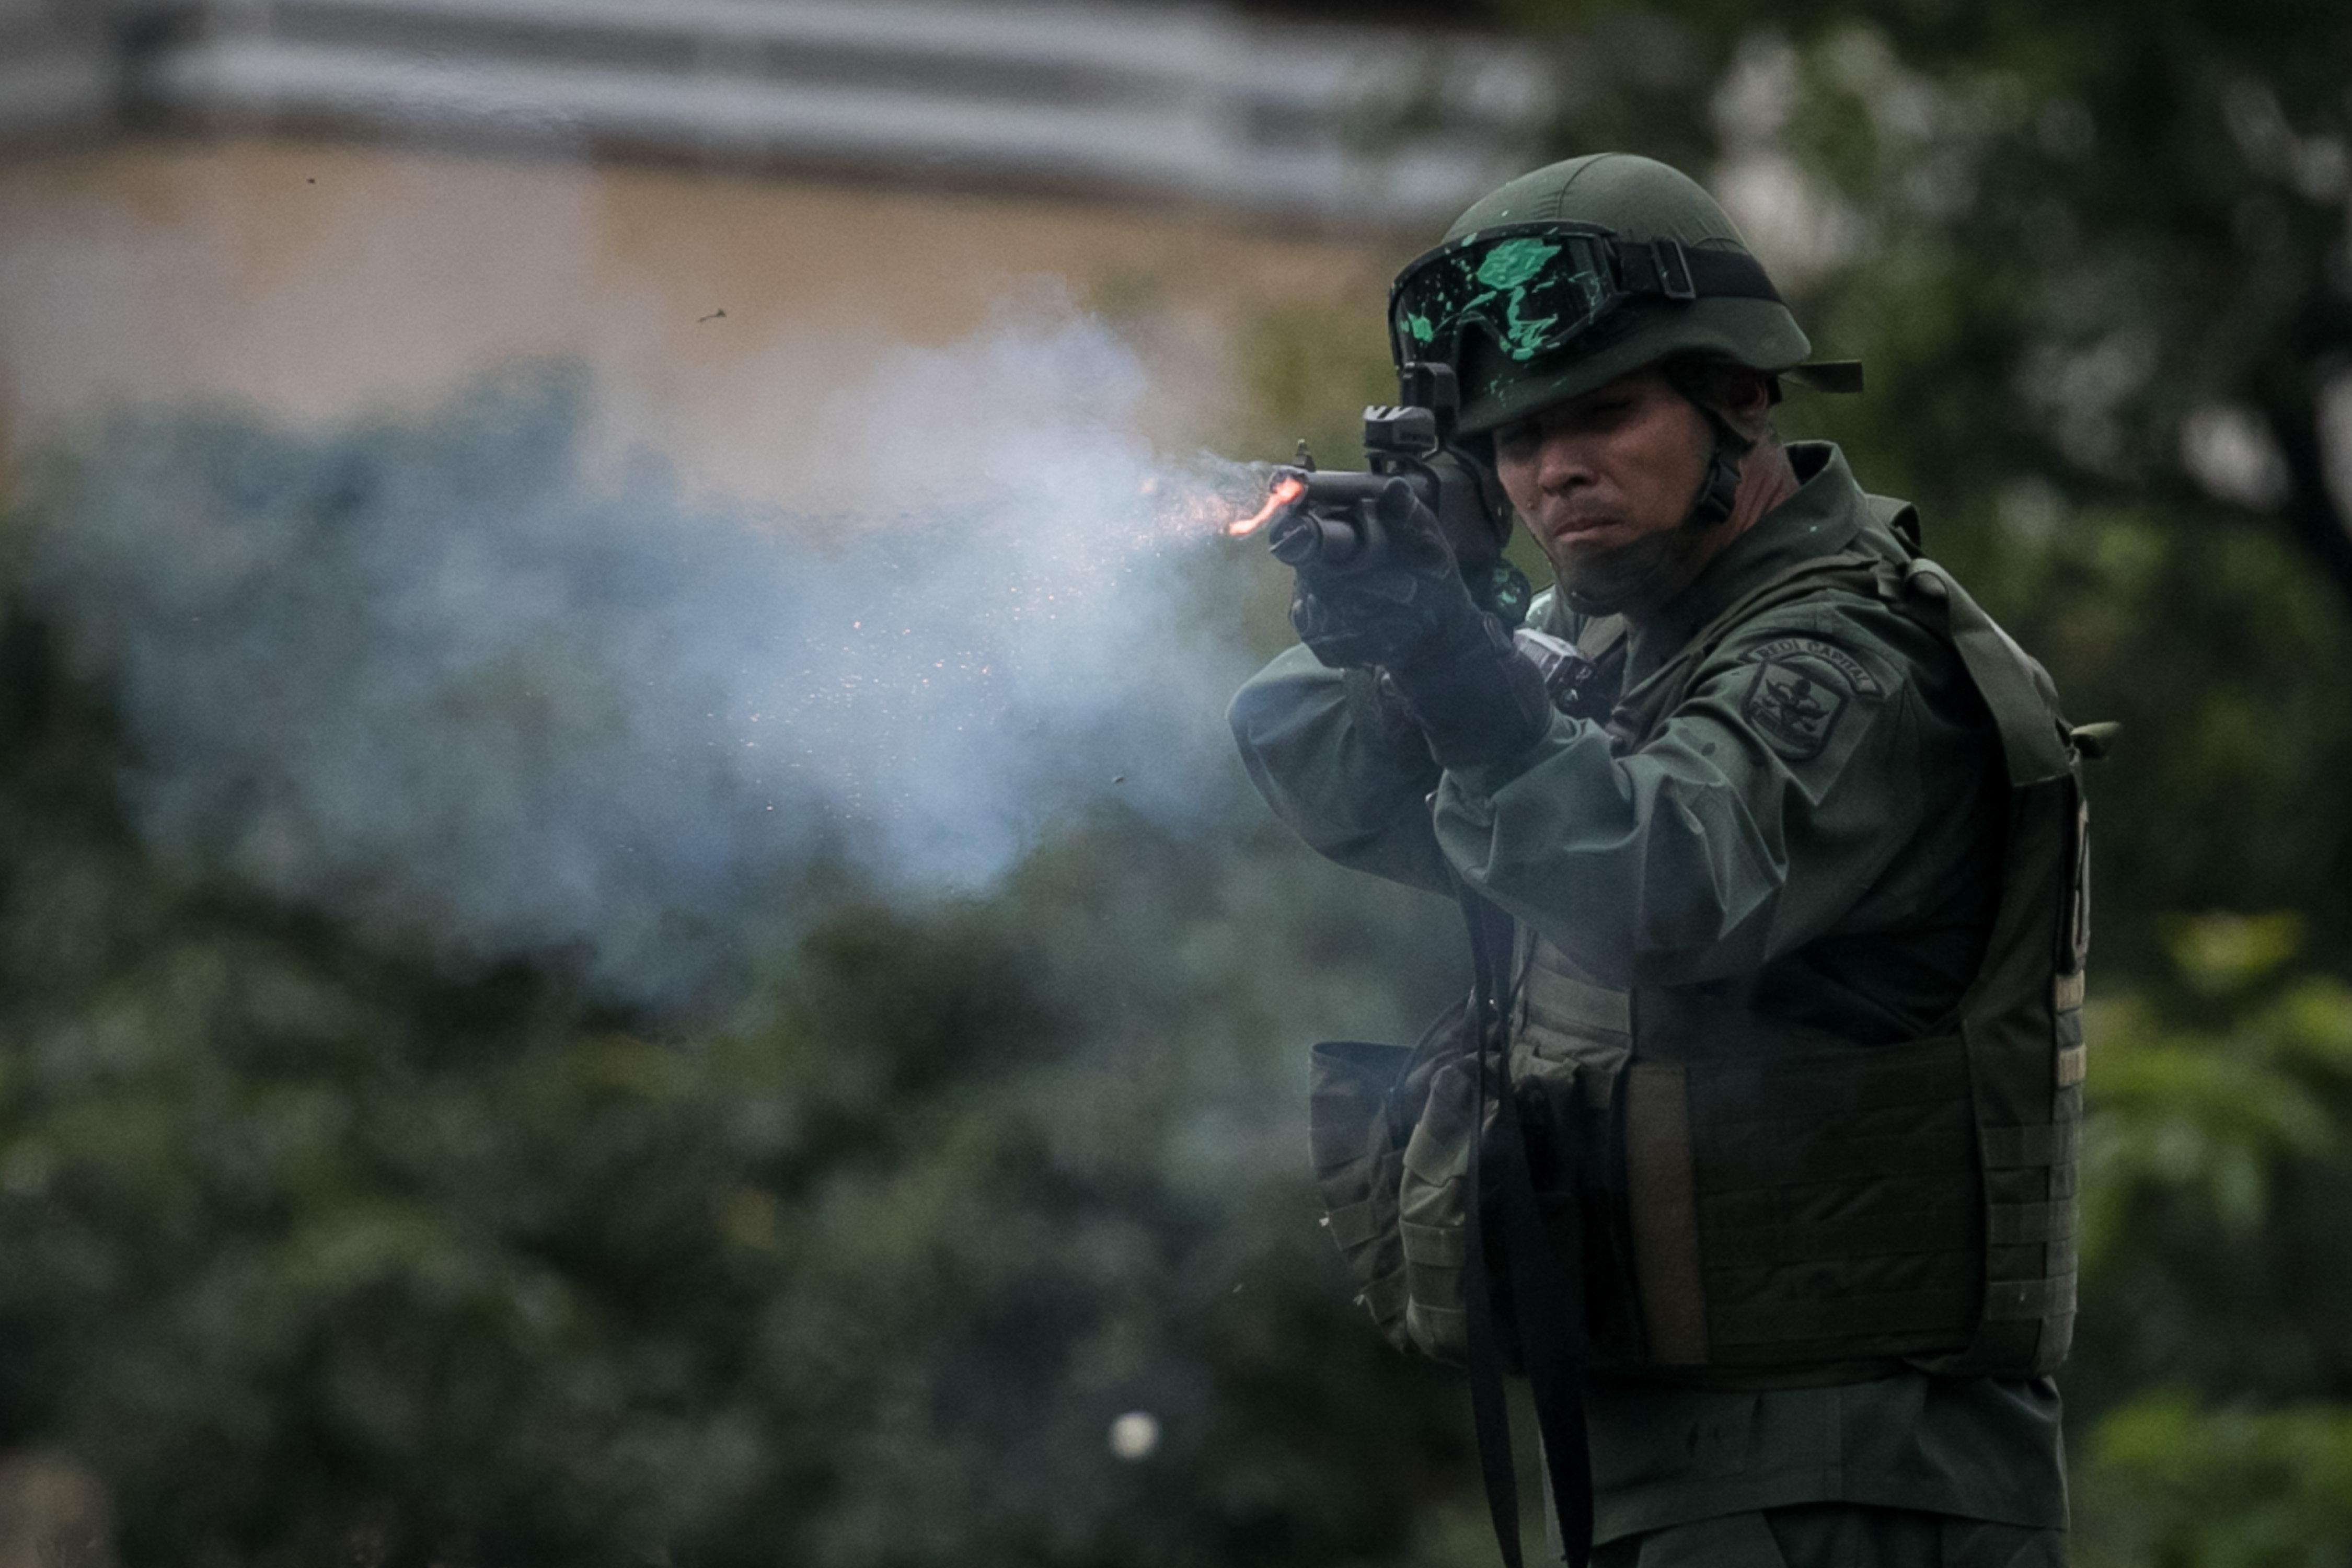 CAR011 CARACAS (VENEZUELA), 07/06/2017.- Efectivos de la Policía Nacional Bolivariana (PNB) se enfrentan a manifestantes opositores hoy, miércoles 7 de junio de 2017, en Caracas (Venezuela). Agentes de la fuerza pública venezolana dispersaron hoy con gases lacrimógenos varias de las manifestaciones convocadas en el país por la oposición hacia las sedes del Poder Electoral para protestar por el eventual cambio de Constitución que impulsa el Gobierno. EFE/MIGUEL GUTIÉRREZ